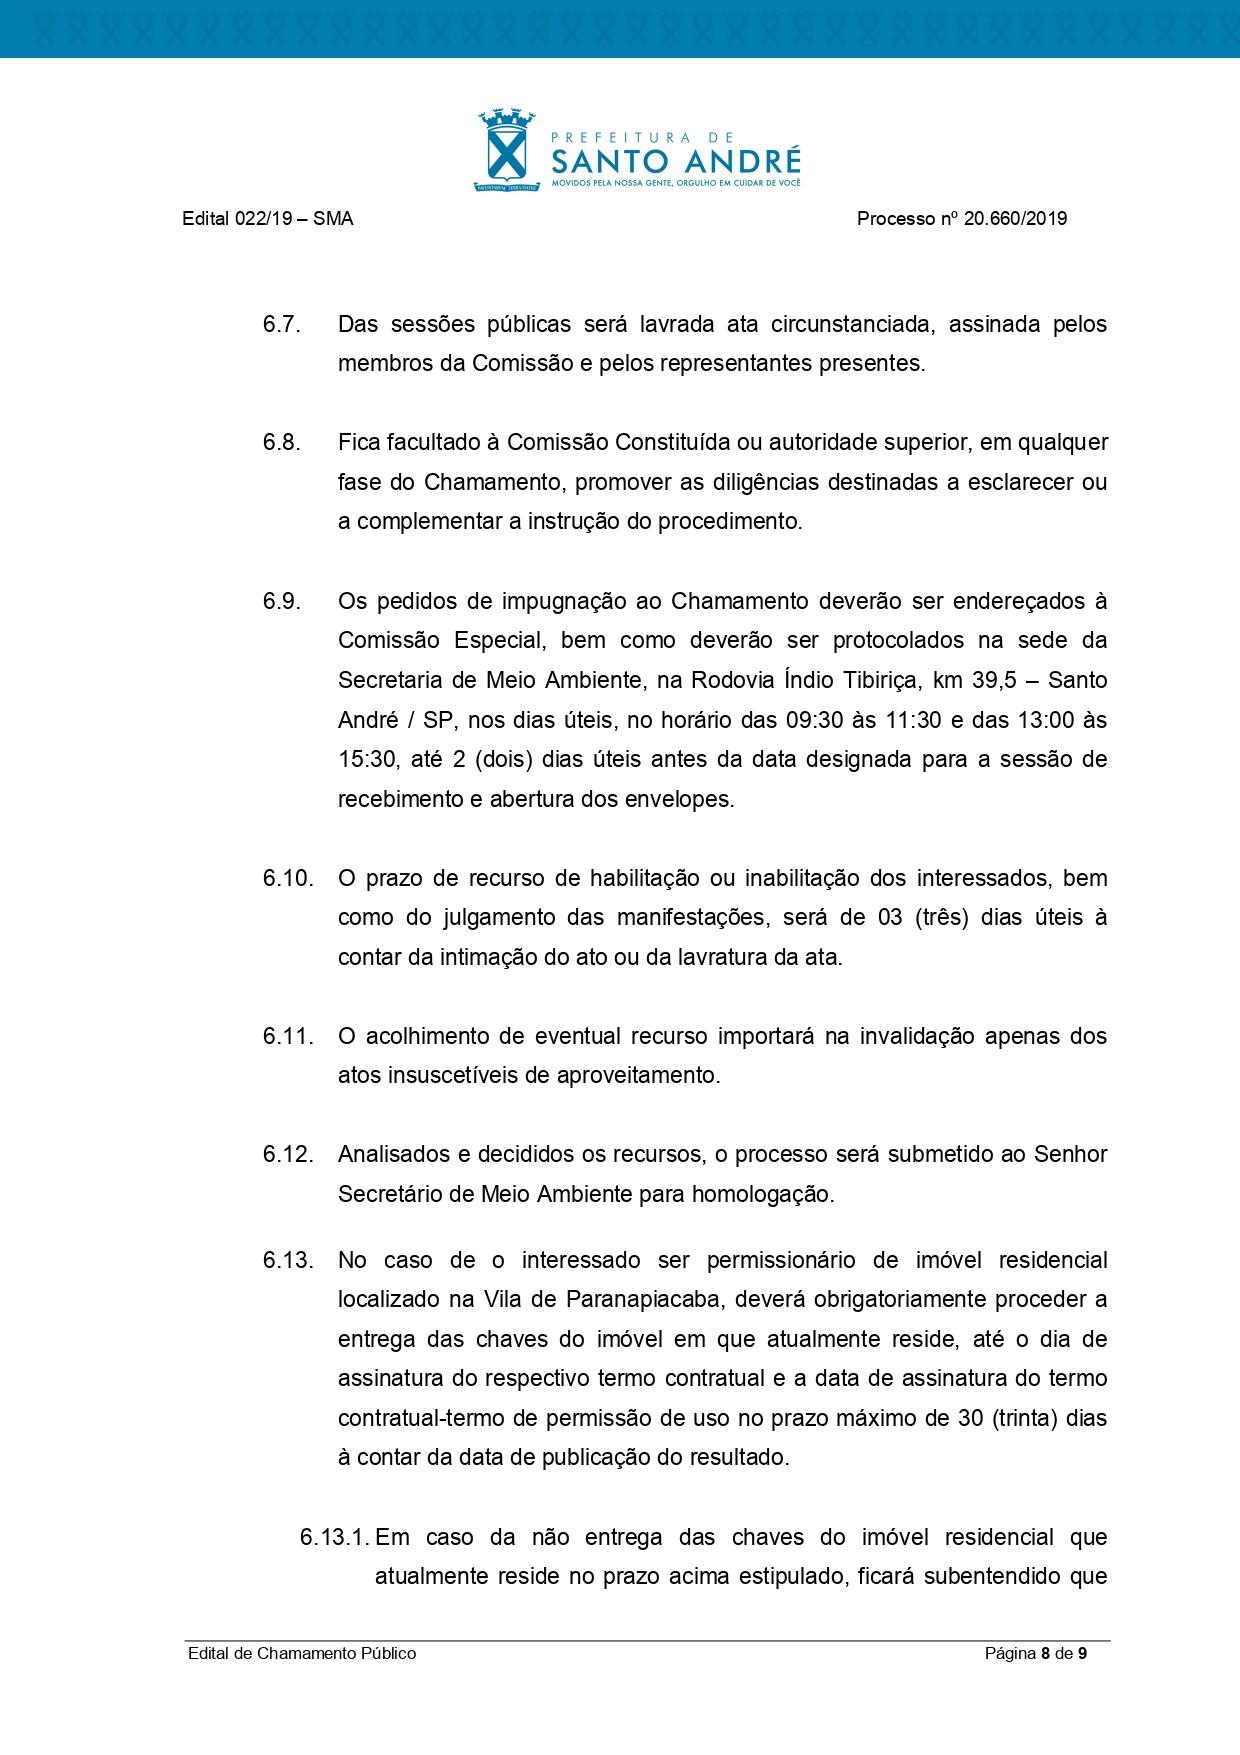 EDITAL 022-2019_SMA_IMÓVEIS RESIDENCIAIS_5882_pages-to-jpg-0008